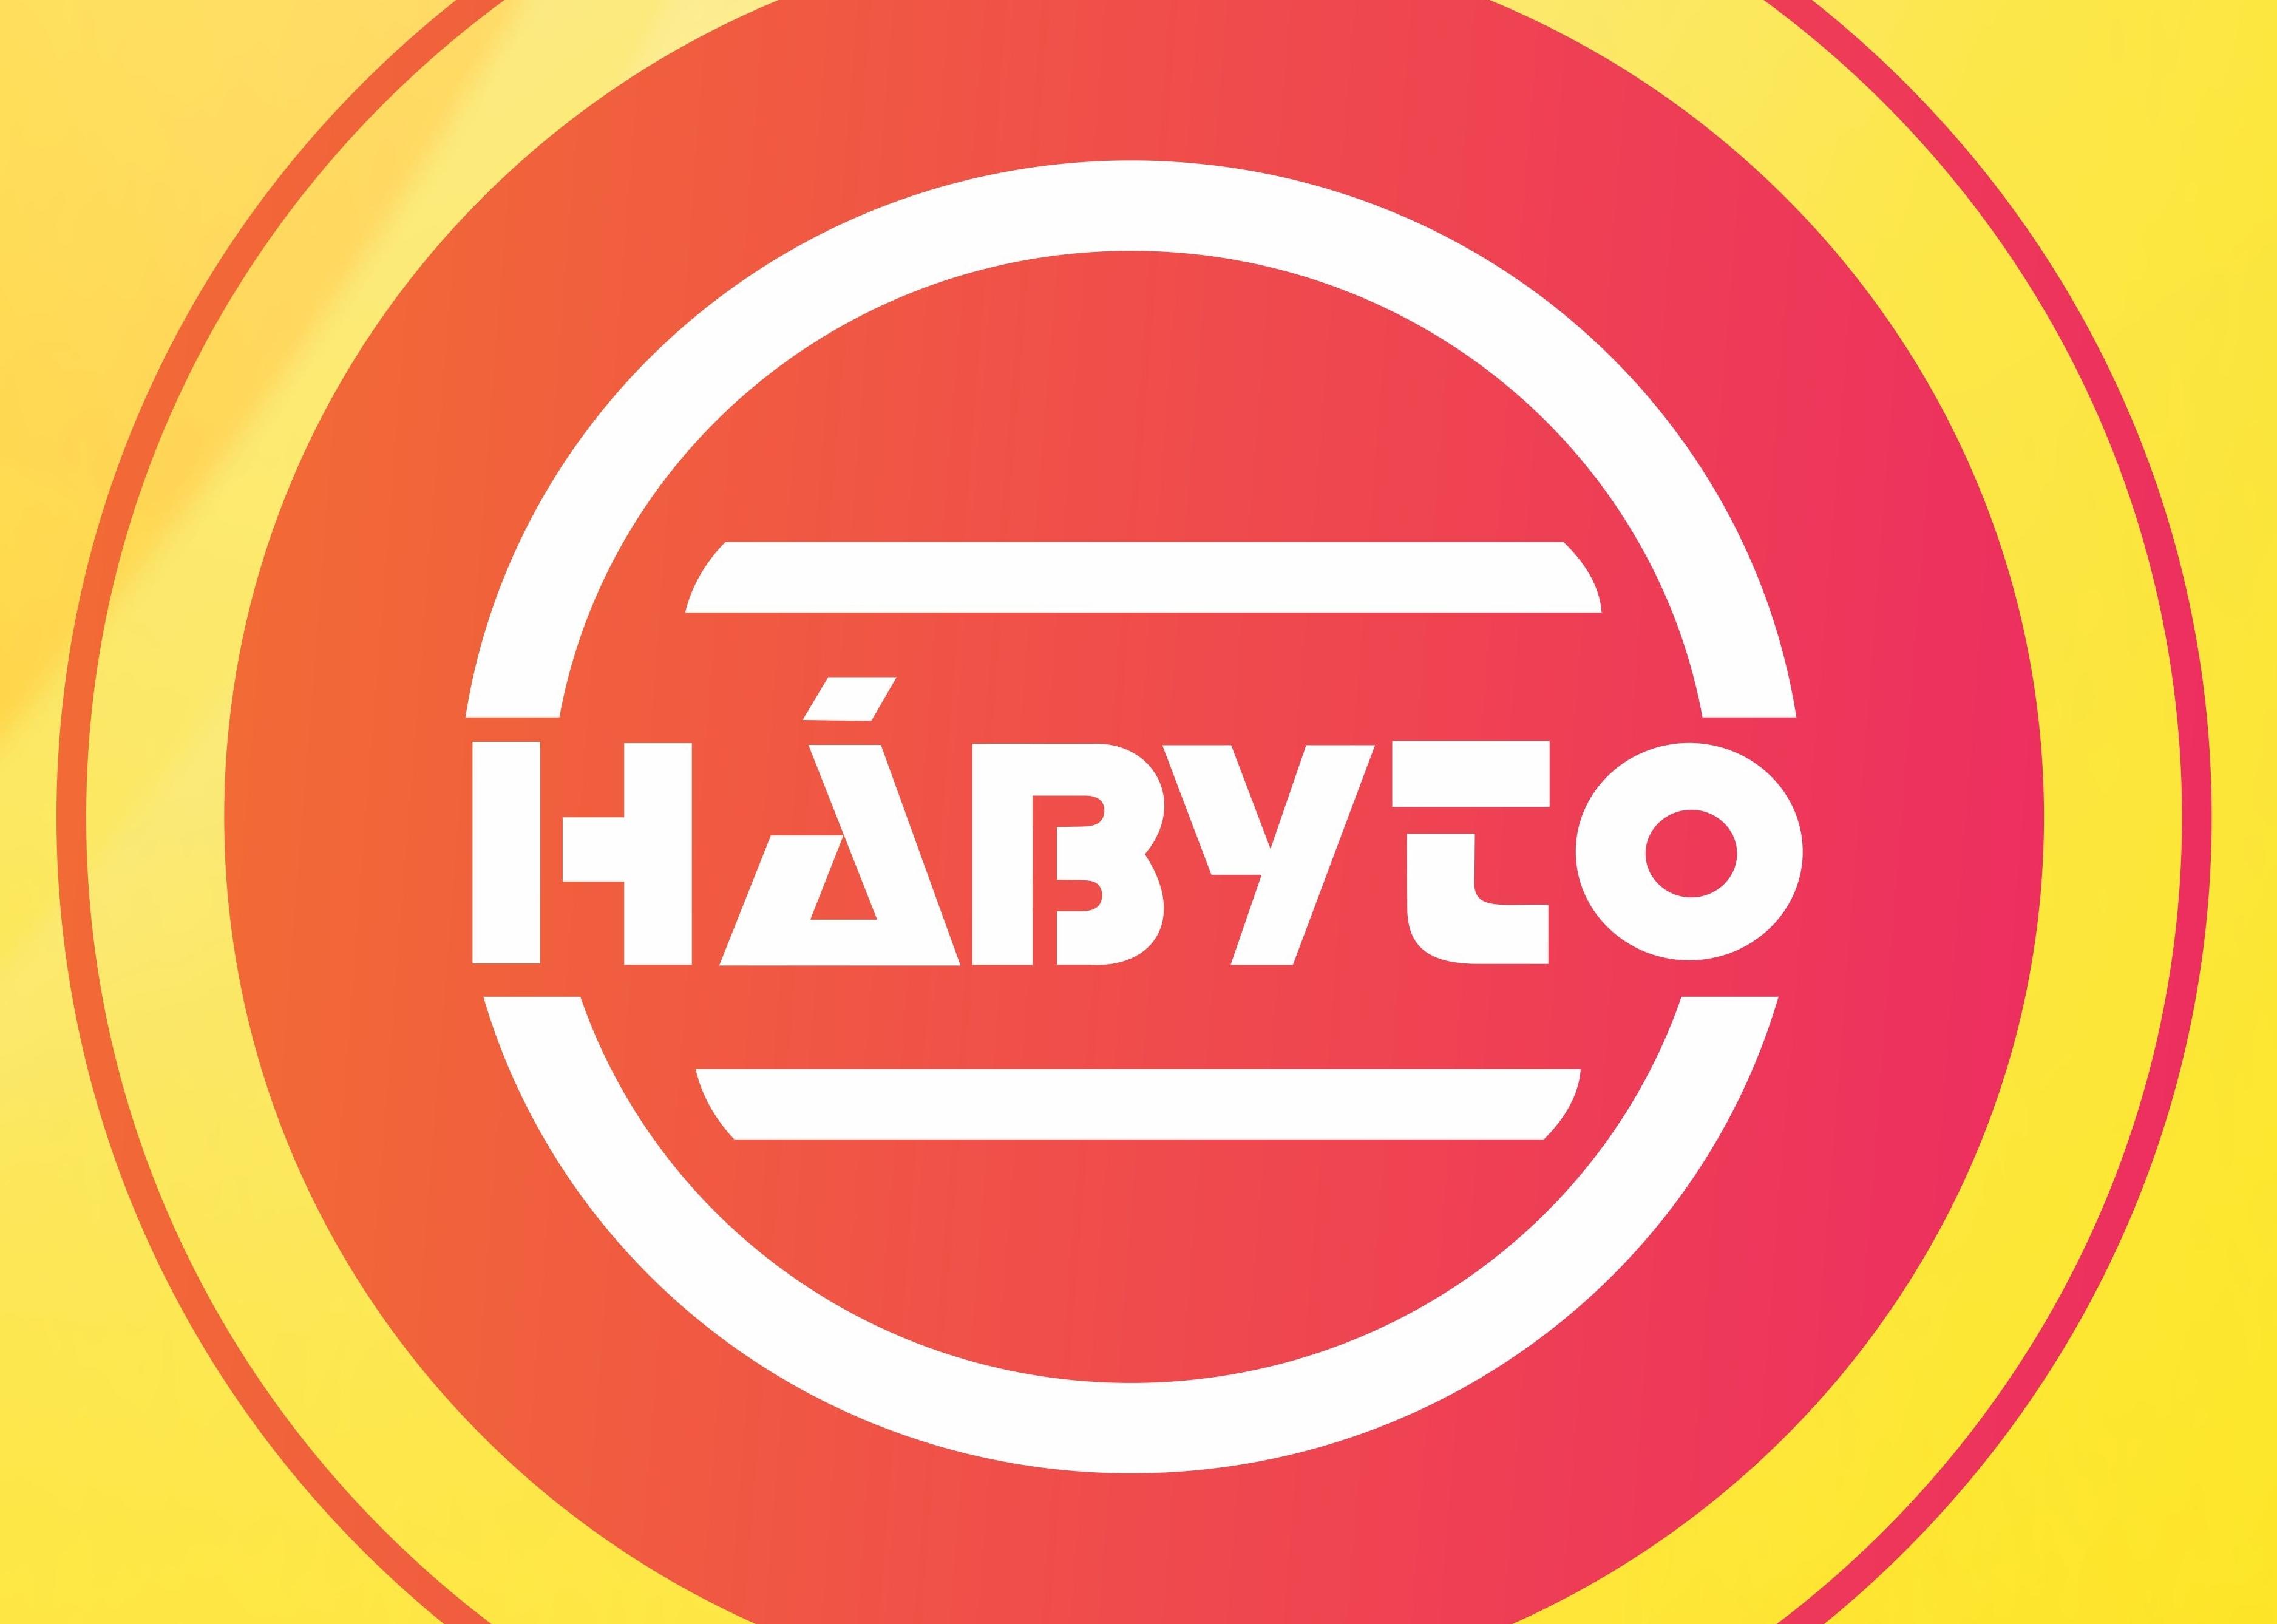 Logo Hábyto.jpg